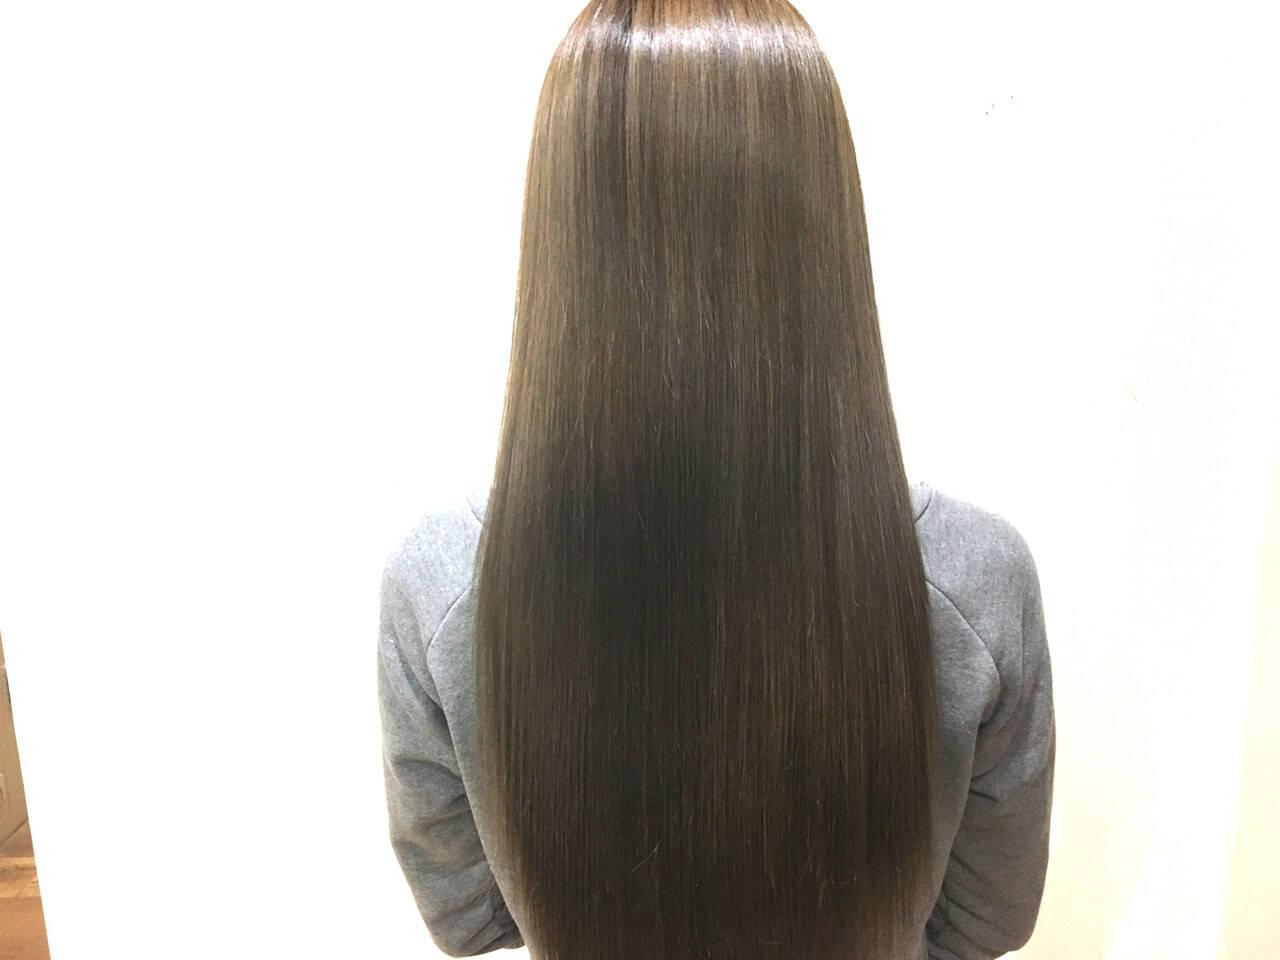 グラデーションカラー 渋谷系 大人かわいい ストリートヘアスタイルや髪型の写真・画像